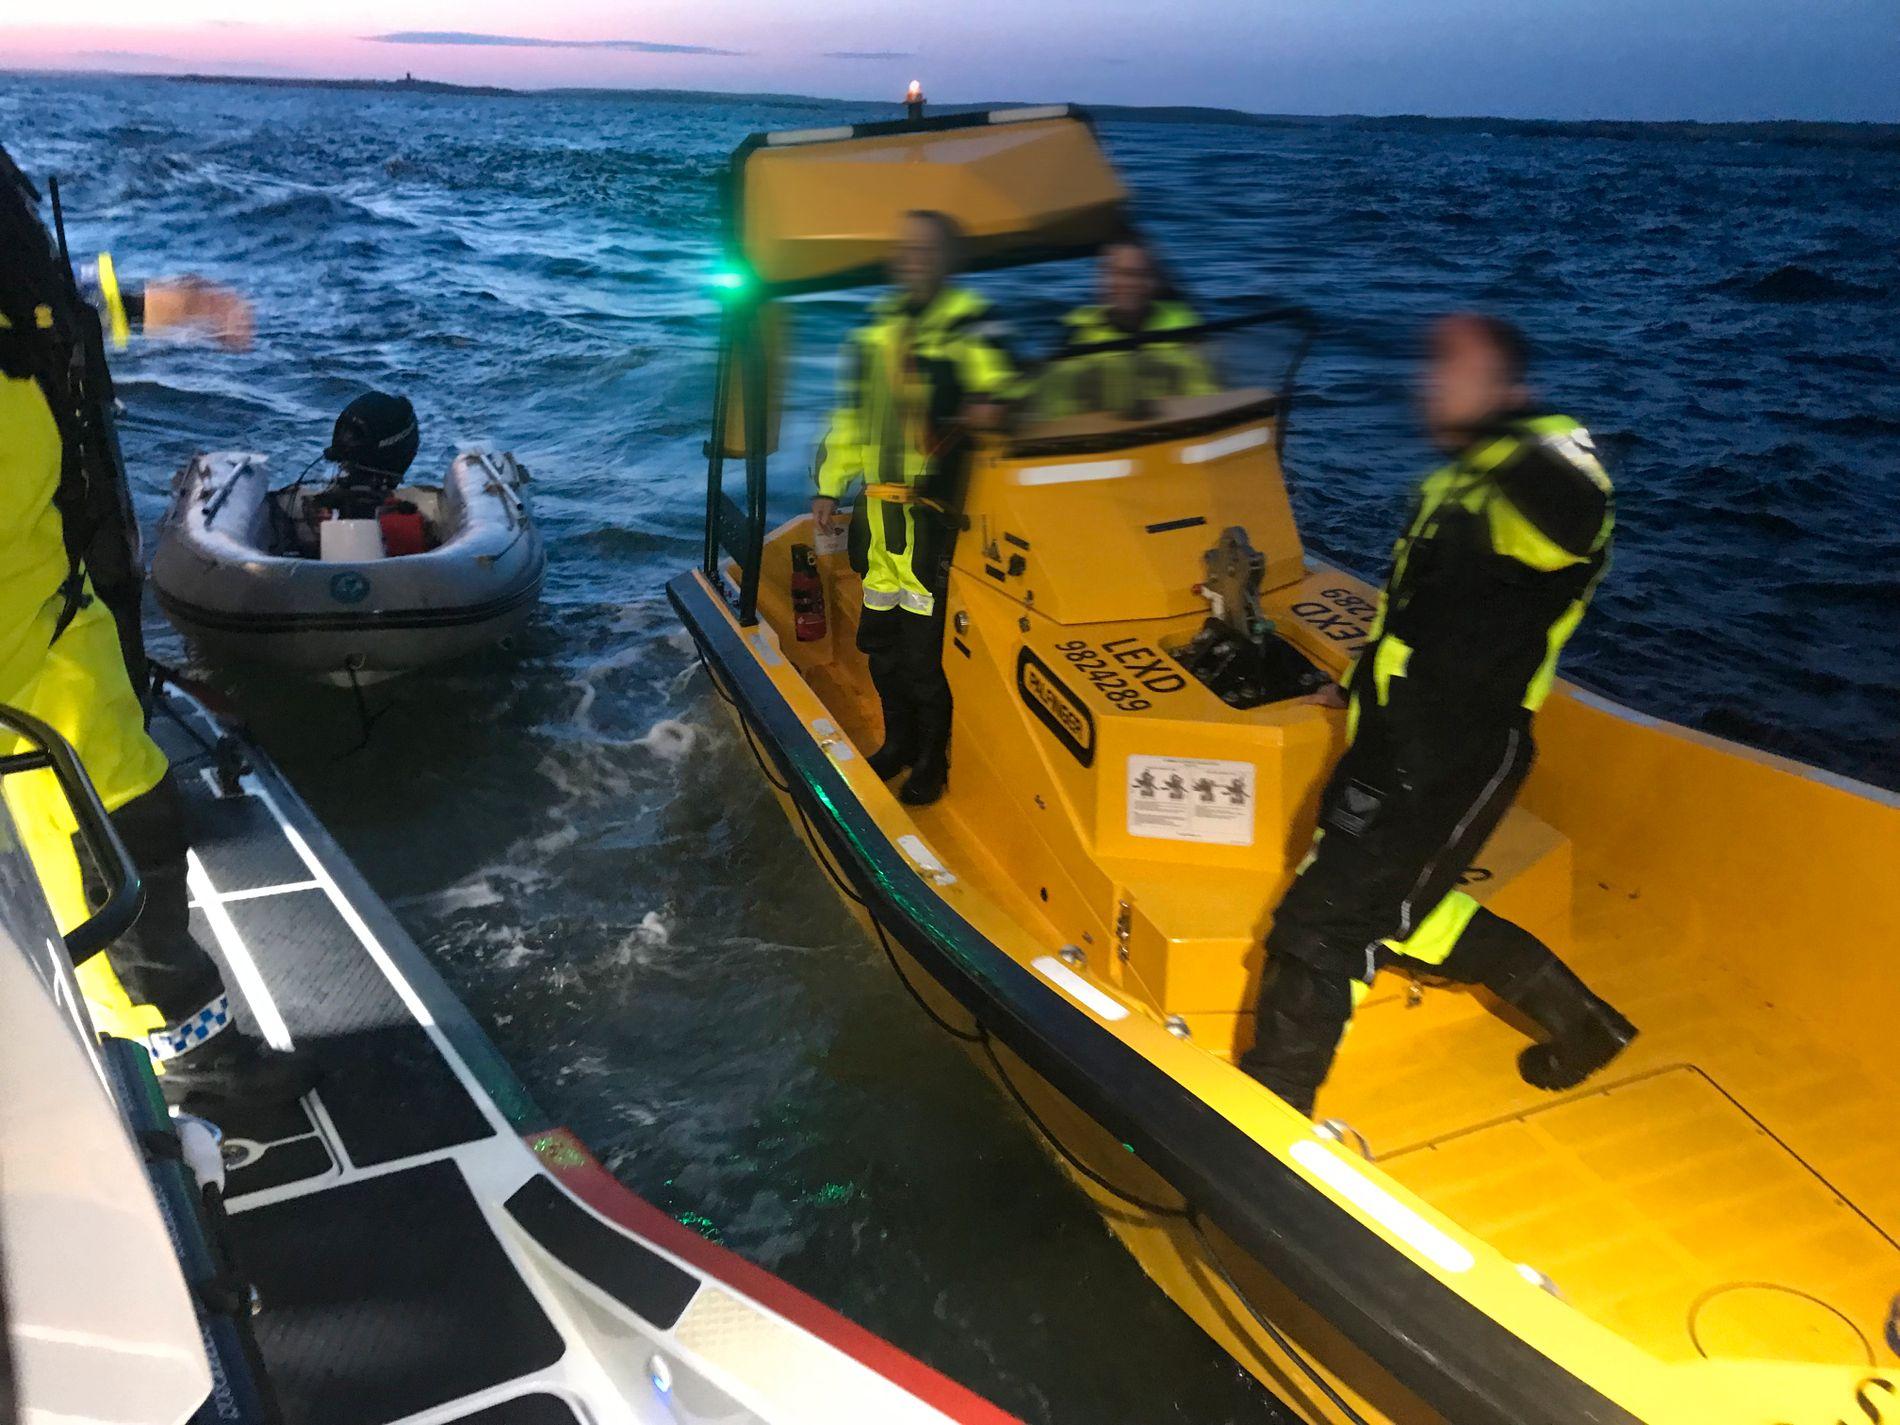 REDDET MANN MED MOTORSTOPP: Color Line snudde for å hjelpe en mann som hadde fått motorstopp i en gummibåt, og redningsselskapet rykket ut med redningsskøyten Horn Stayer.